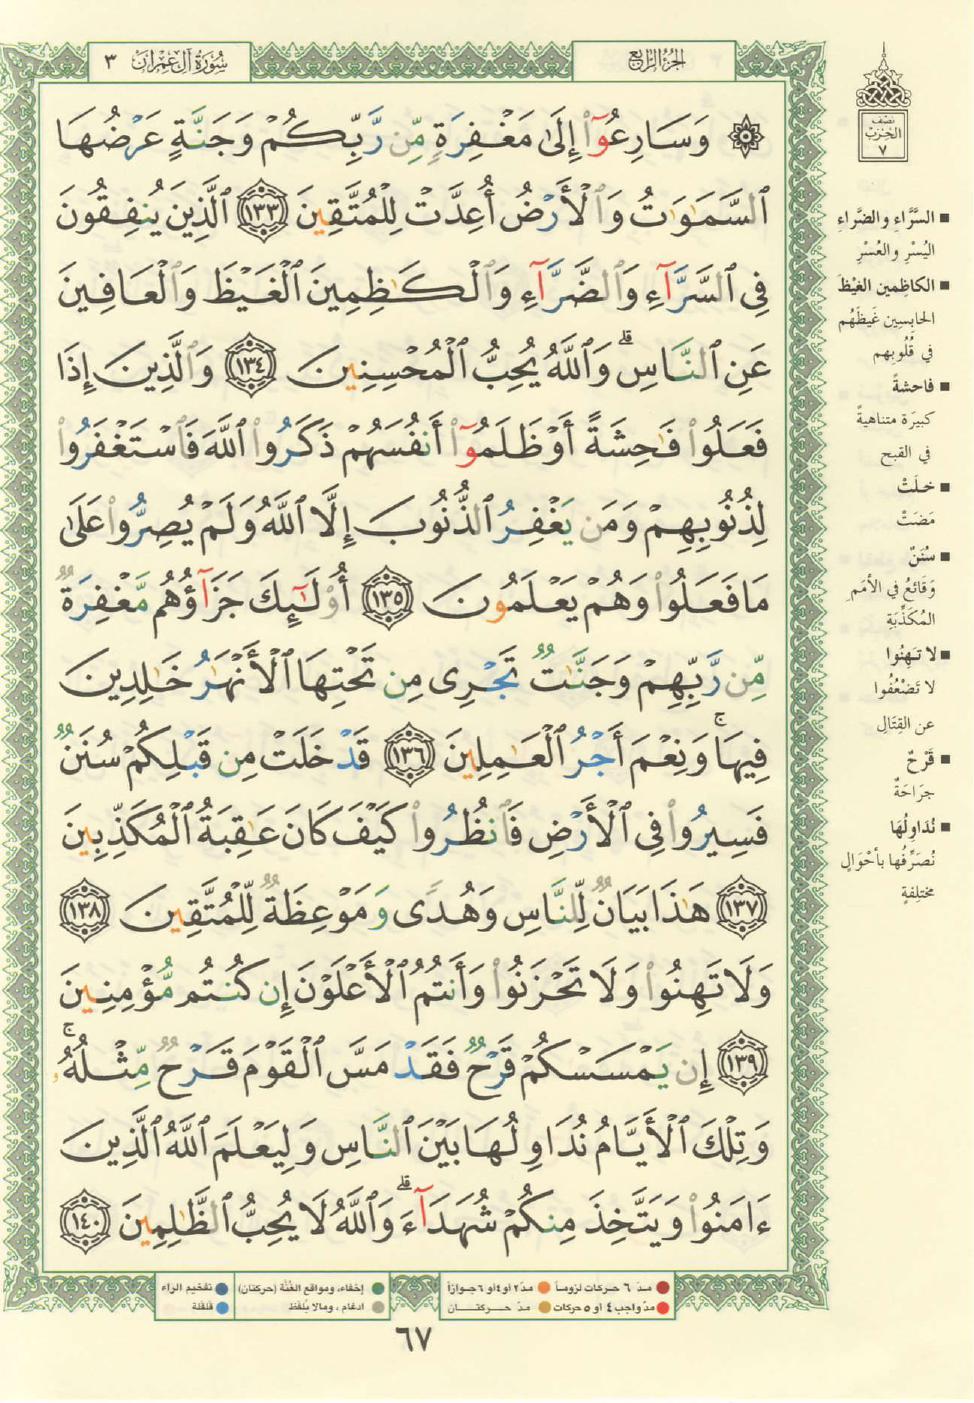 3. سورة آل عمران - Al-Imran مصورة من المصحف الشريف Quran_tajwid_000076